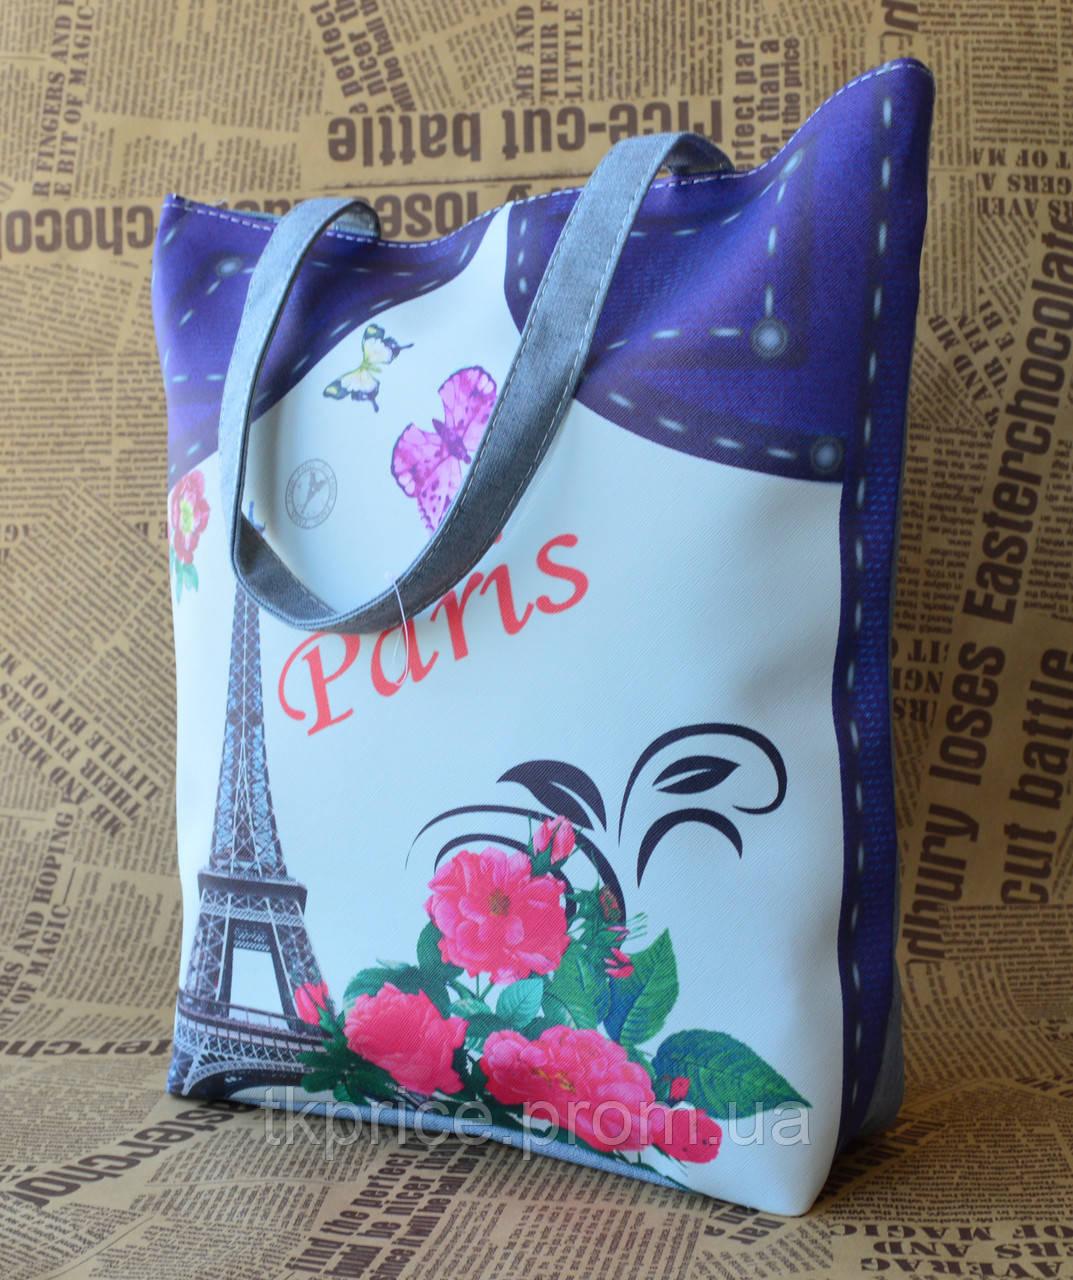 0938374a8f58 Стильная эко сумка города - Интернет-магазин